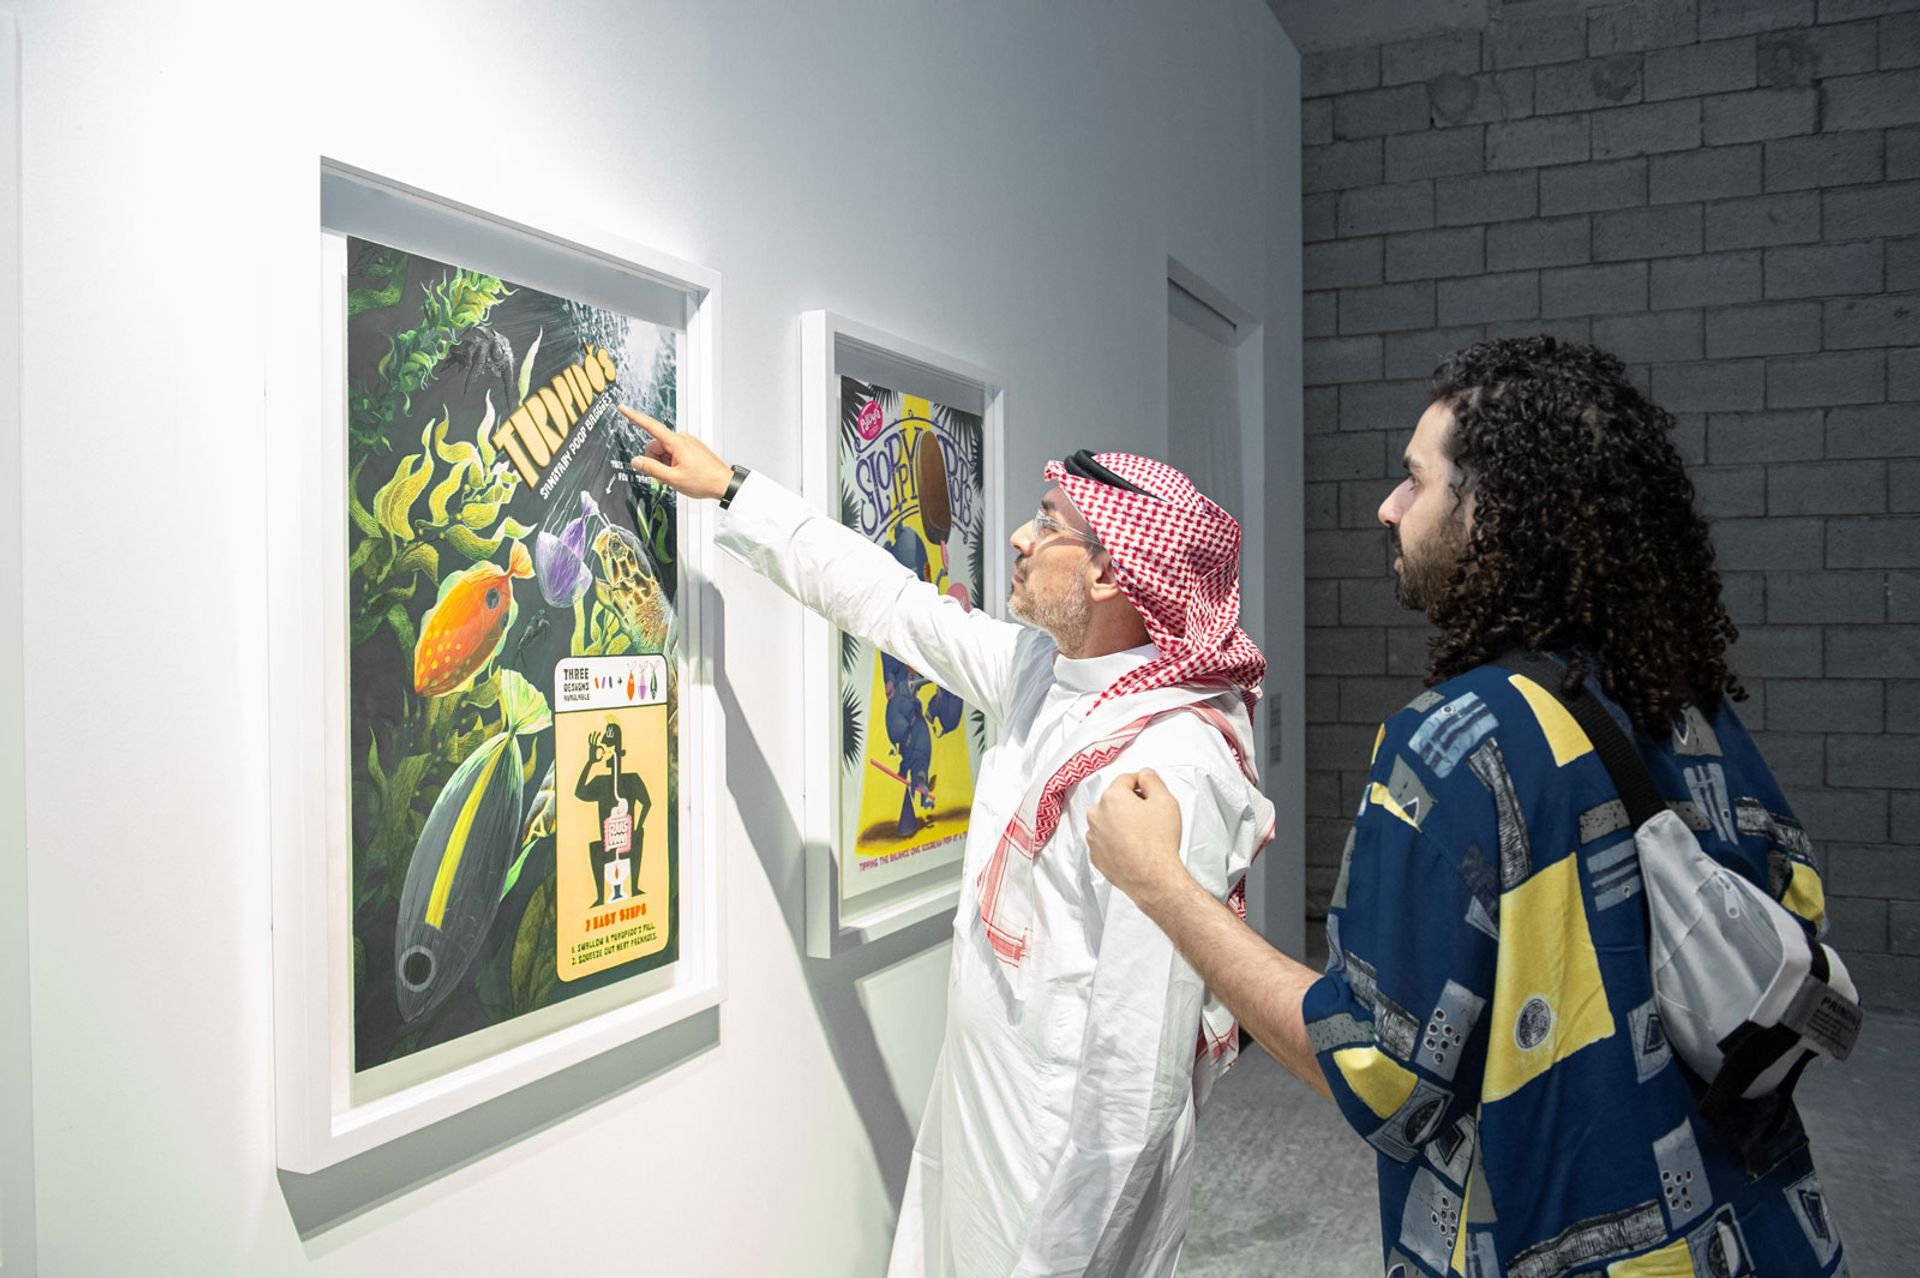 Obadah Aljefri, Non-perishables (2020) Photo: Abdullah AlMeslmani. Commissioned by Saudi Art Council